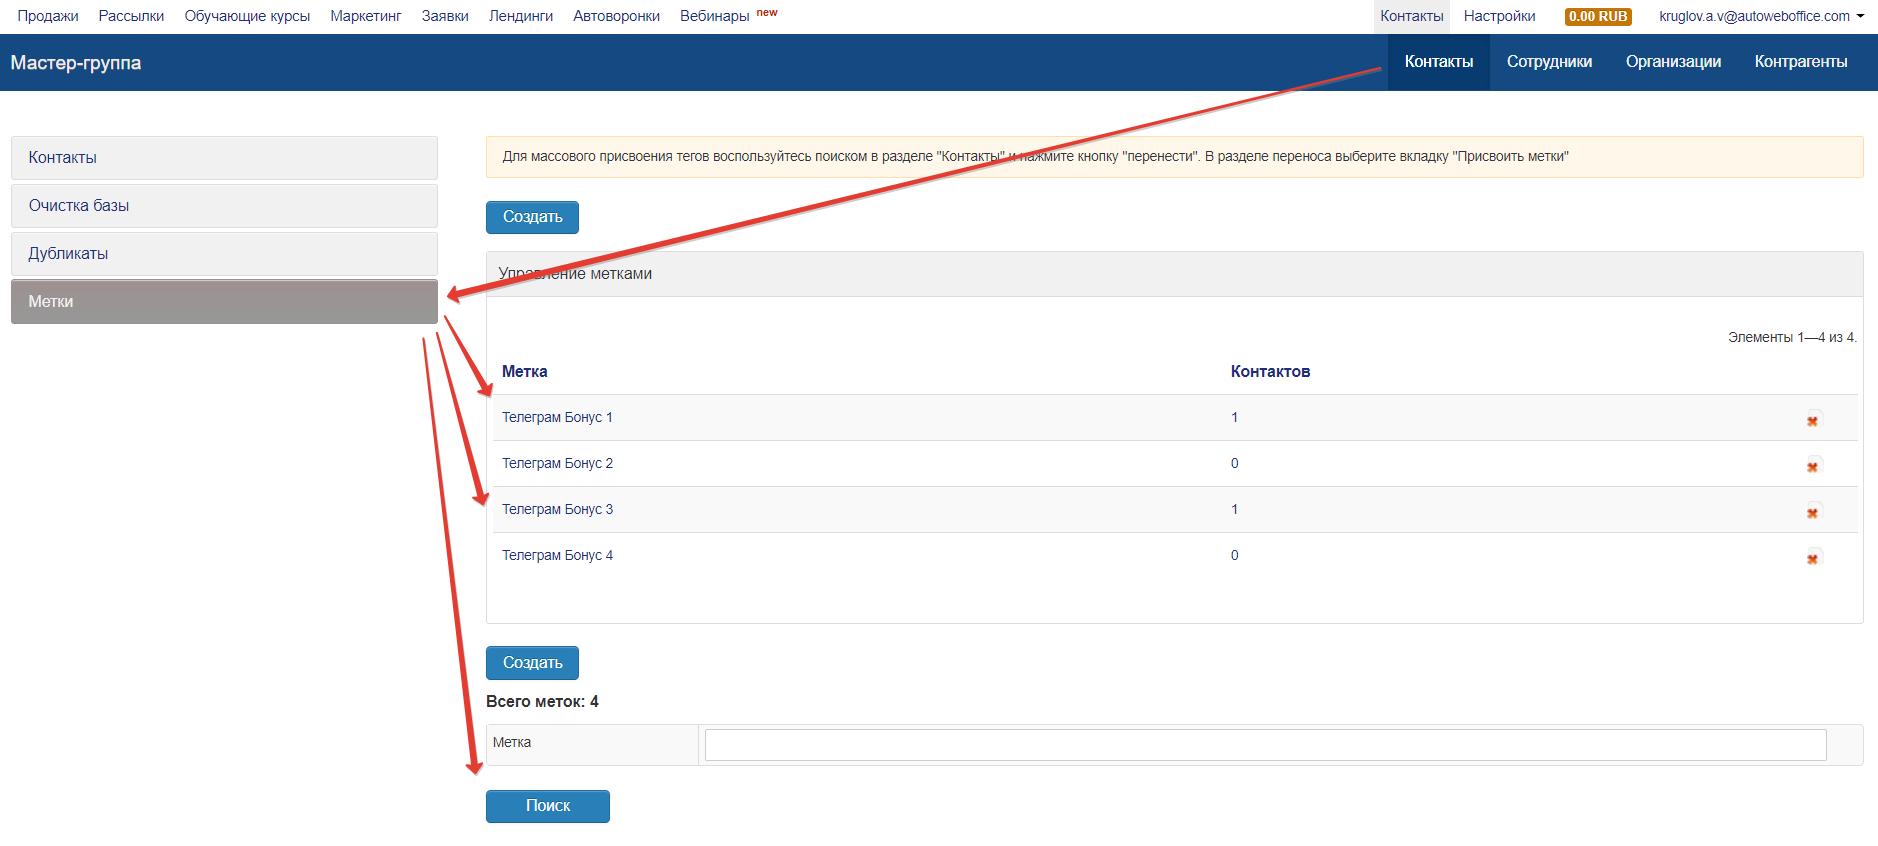 создания и редактирования к контактам в онлайн школе